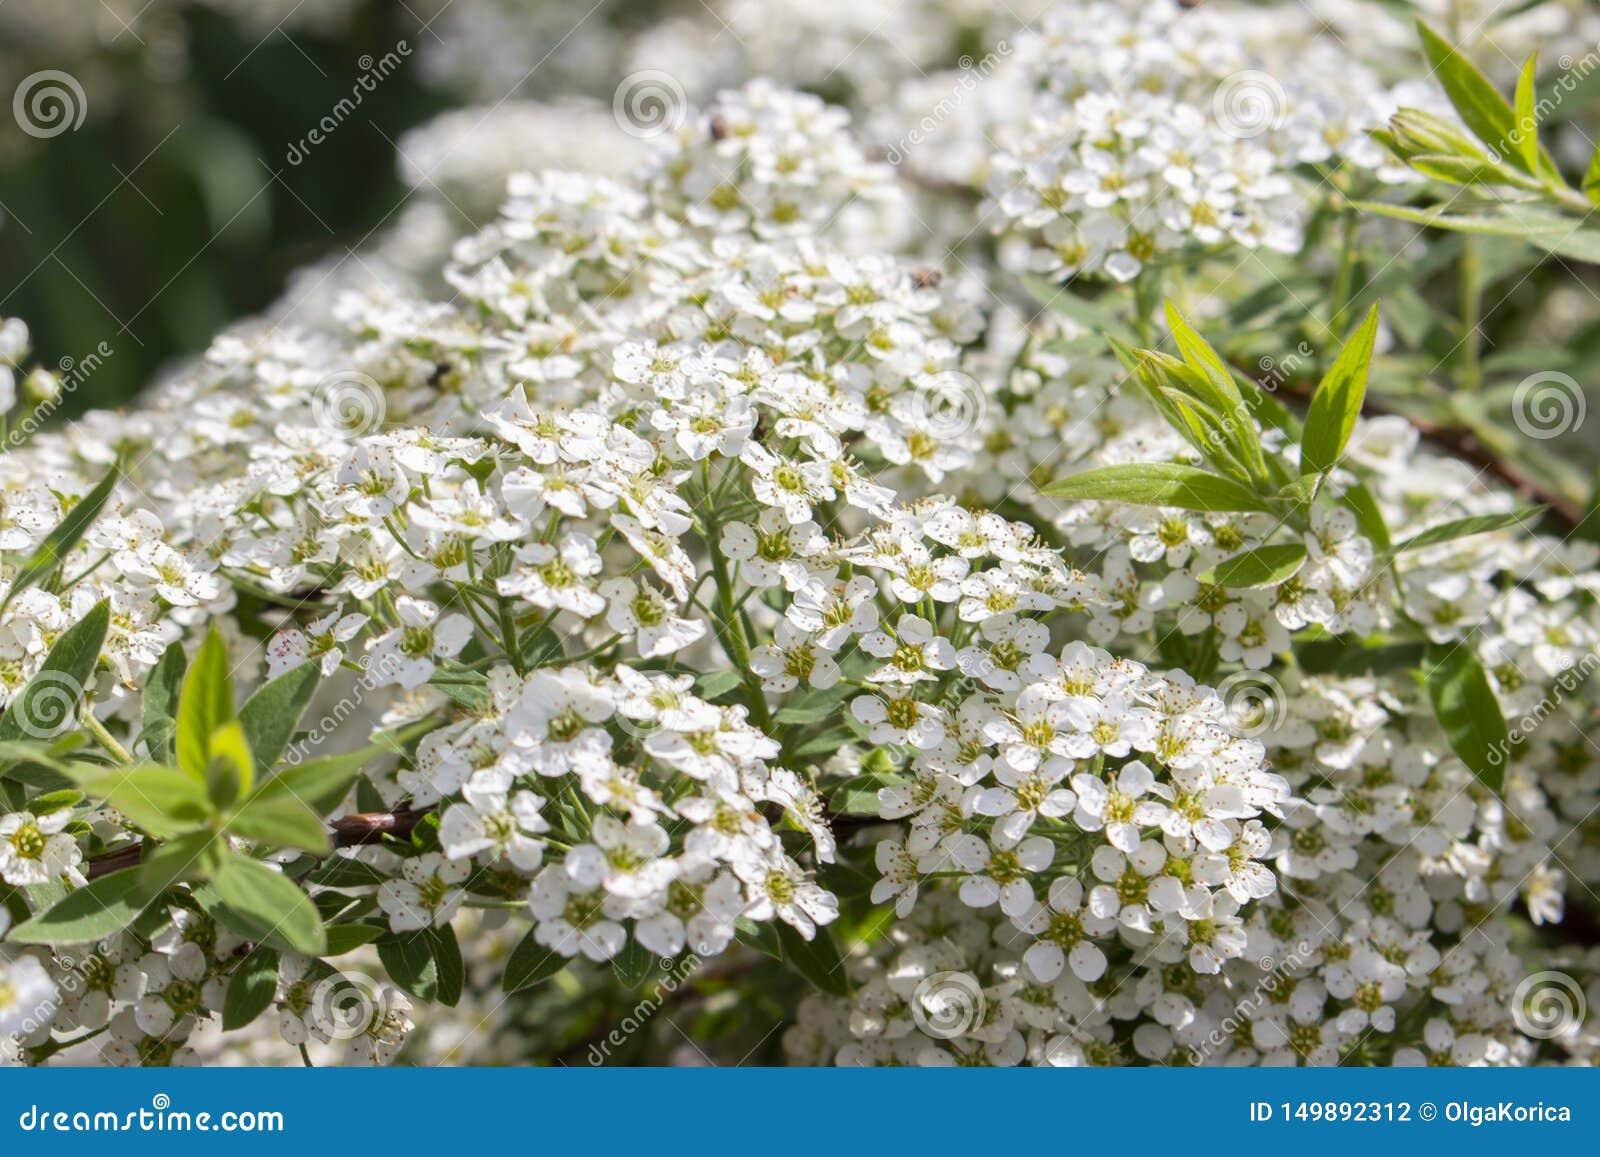 Spiraea cinerea ashy mali biali kwiaty w górę tekstury kwiecistego tła, Kwitnący ornamentacyjny krzaka Rosaceae, pliki biel